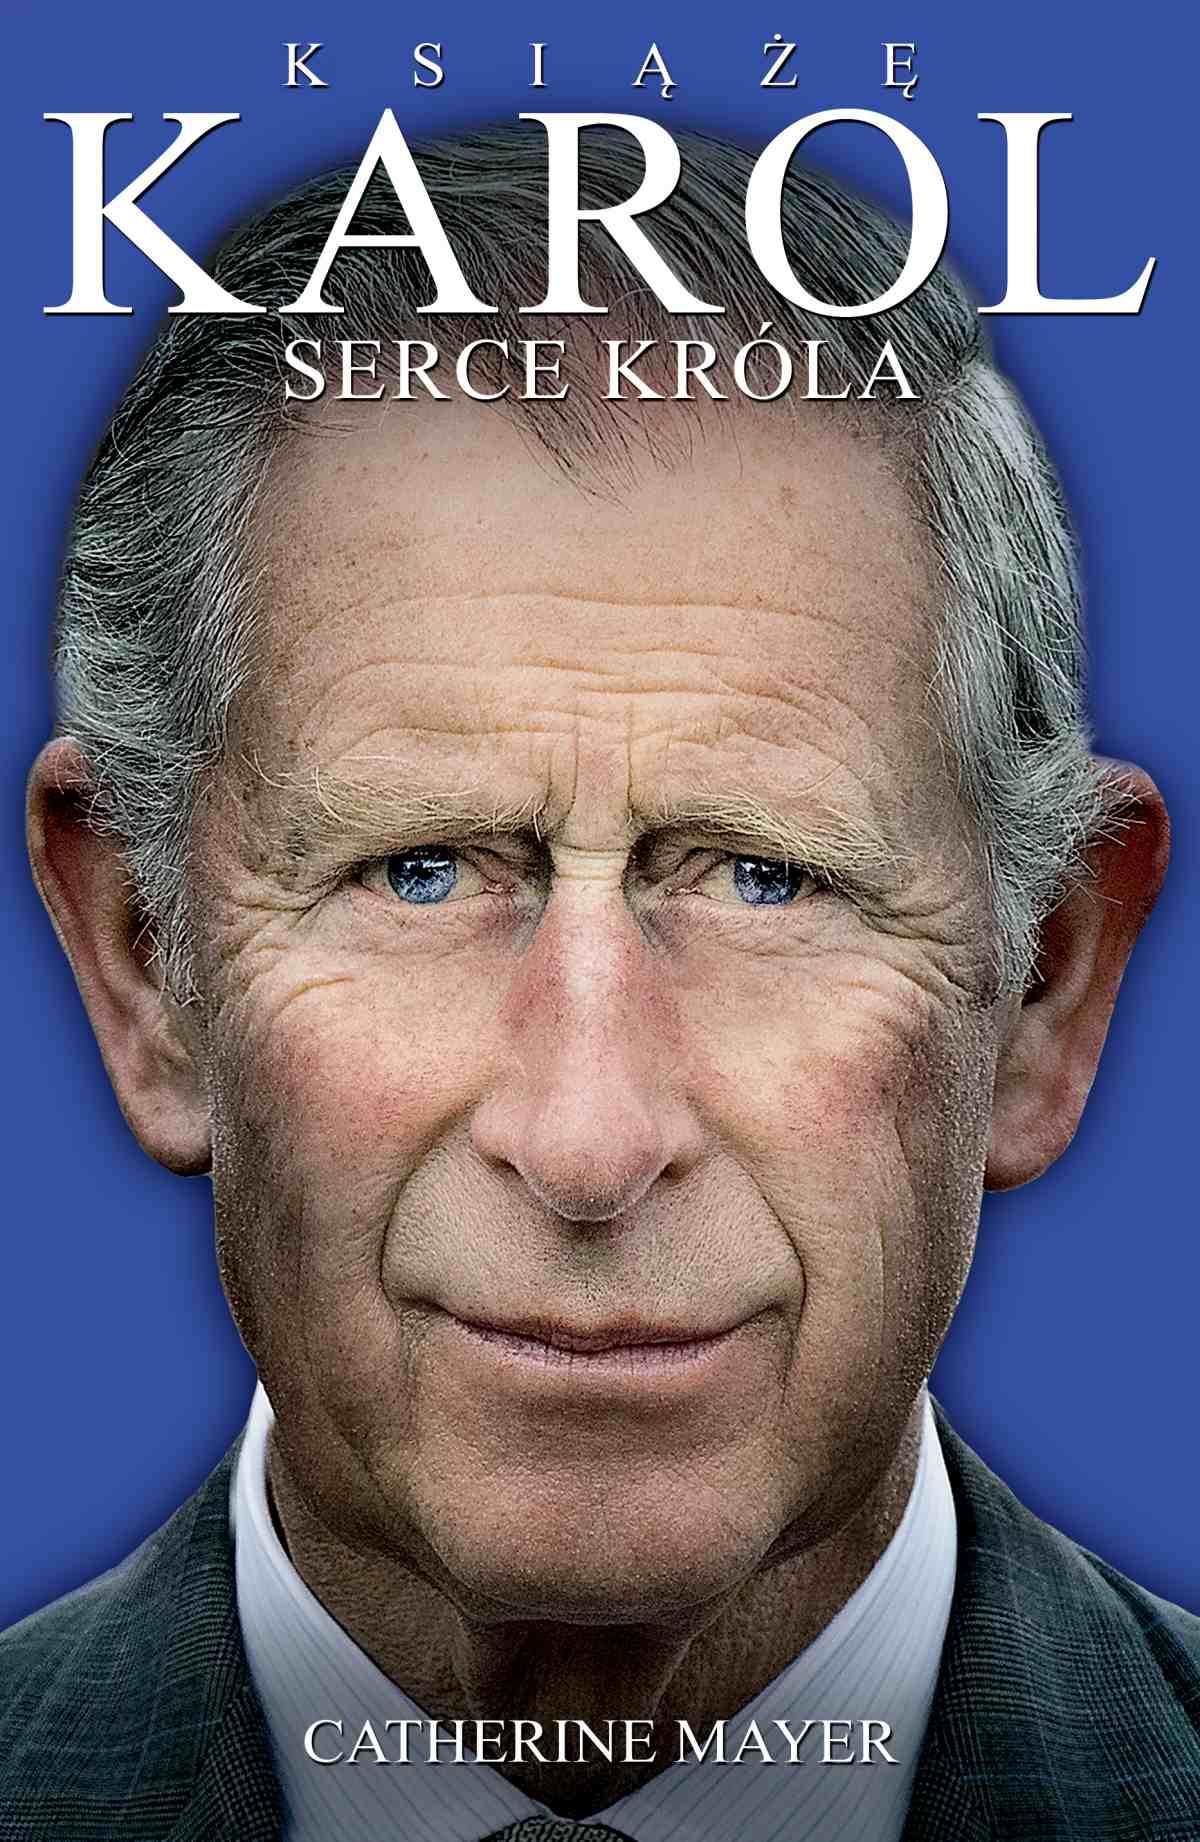 Książę Karol. Serce króla - Ebook (Książka EPUB) do pobrania w formacie EPUB